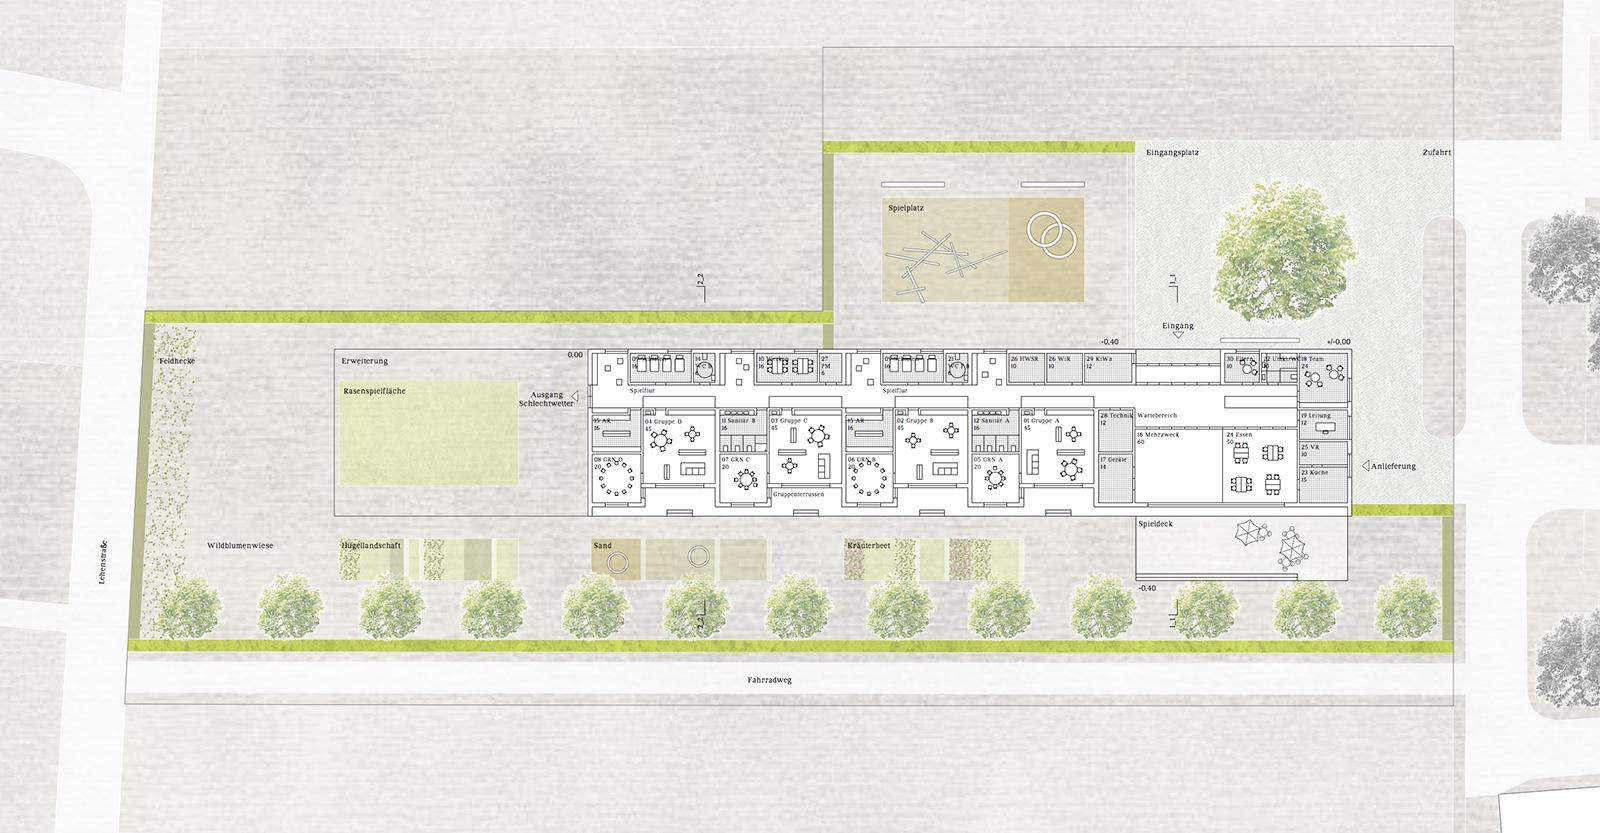 Wettbewerb-Hirrlingen-Friedrich-Poerschke-Zwink-Architekten-Grundriss EG